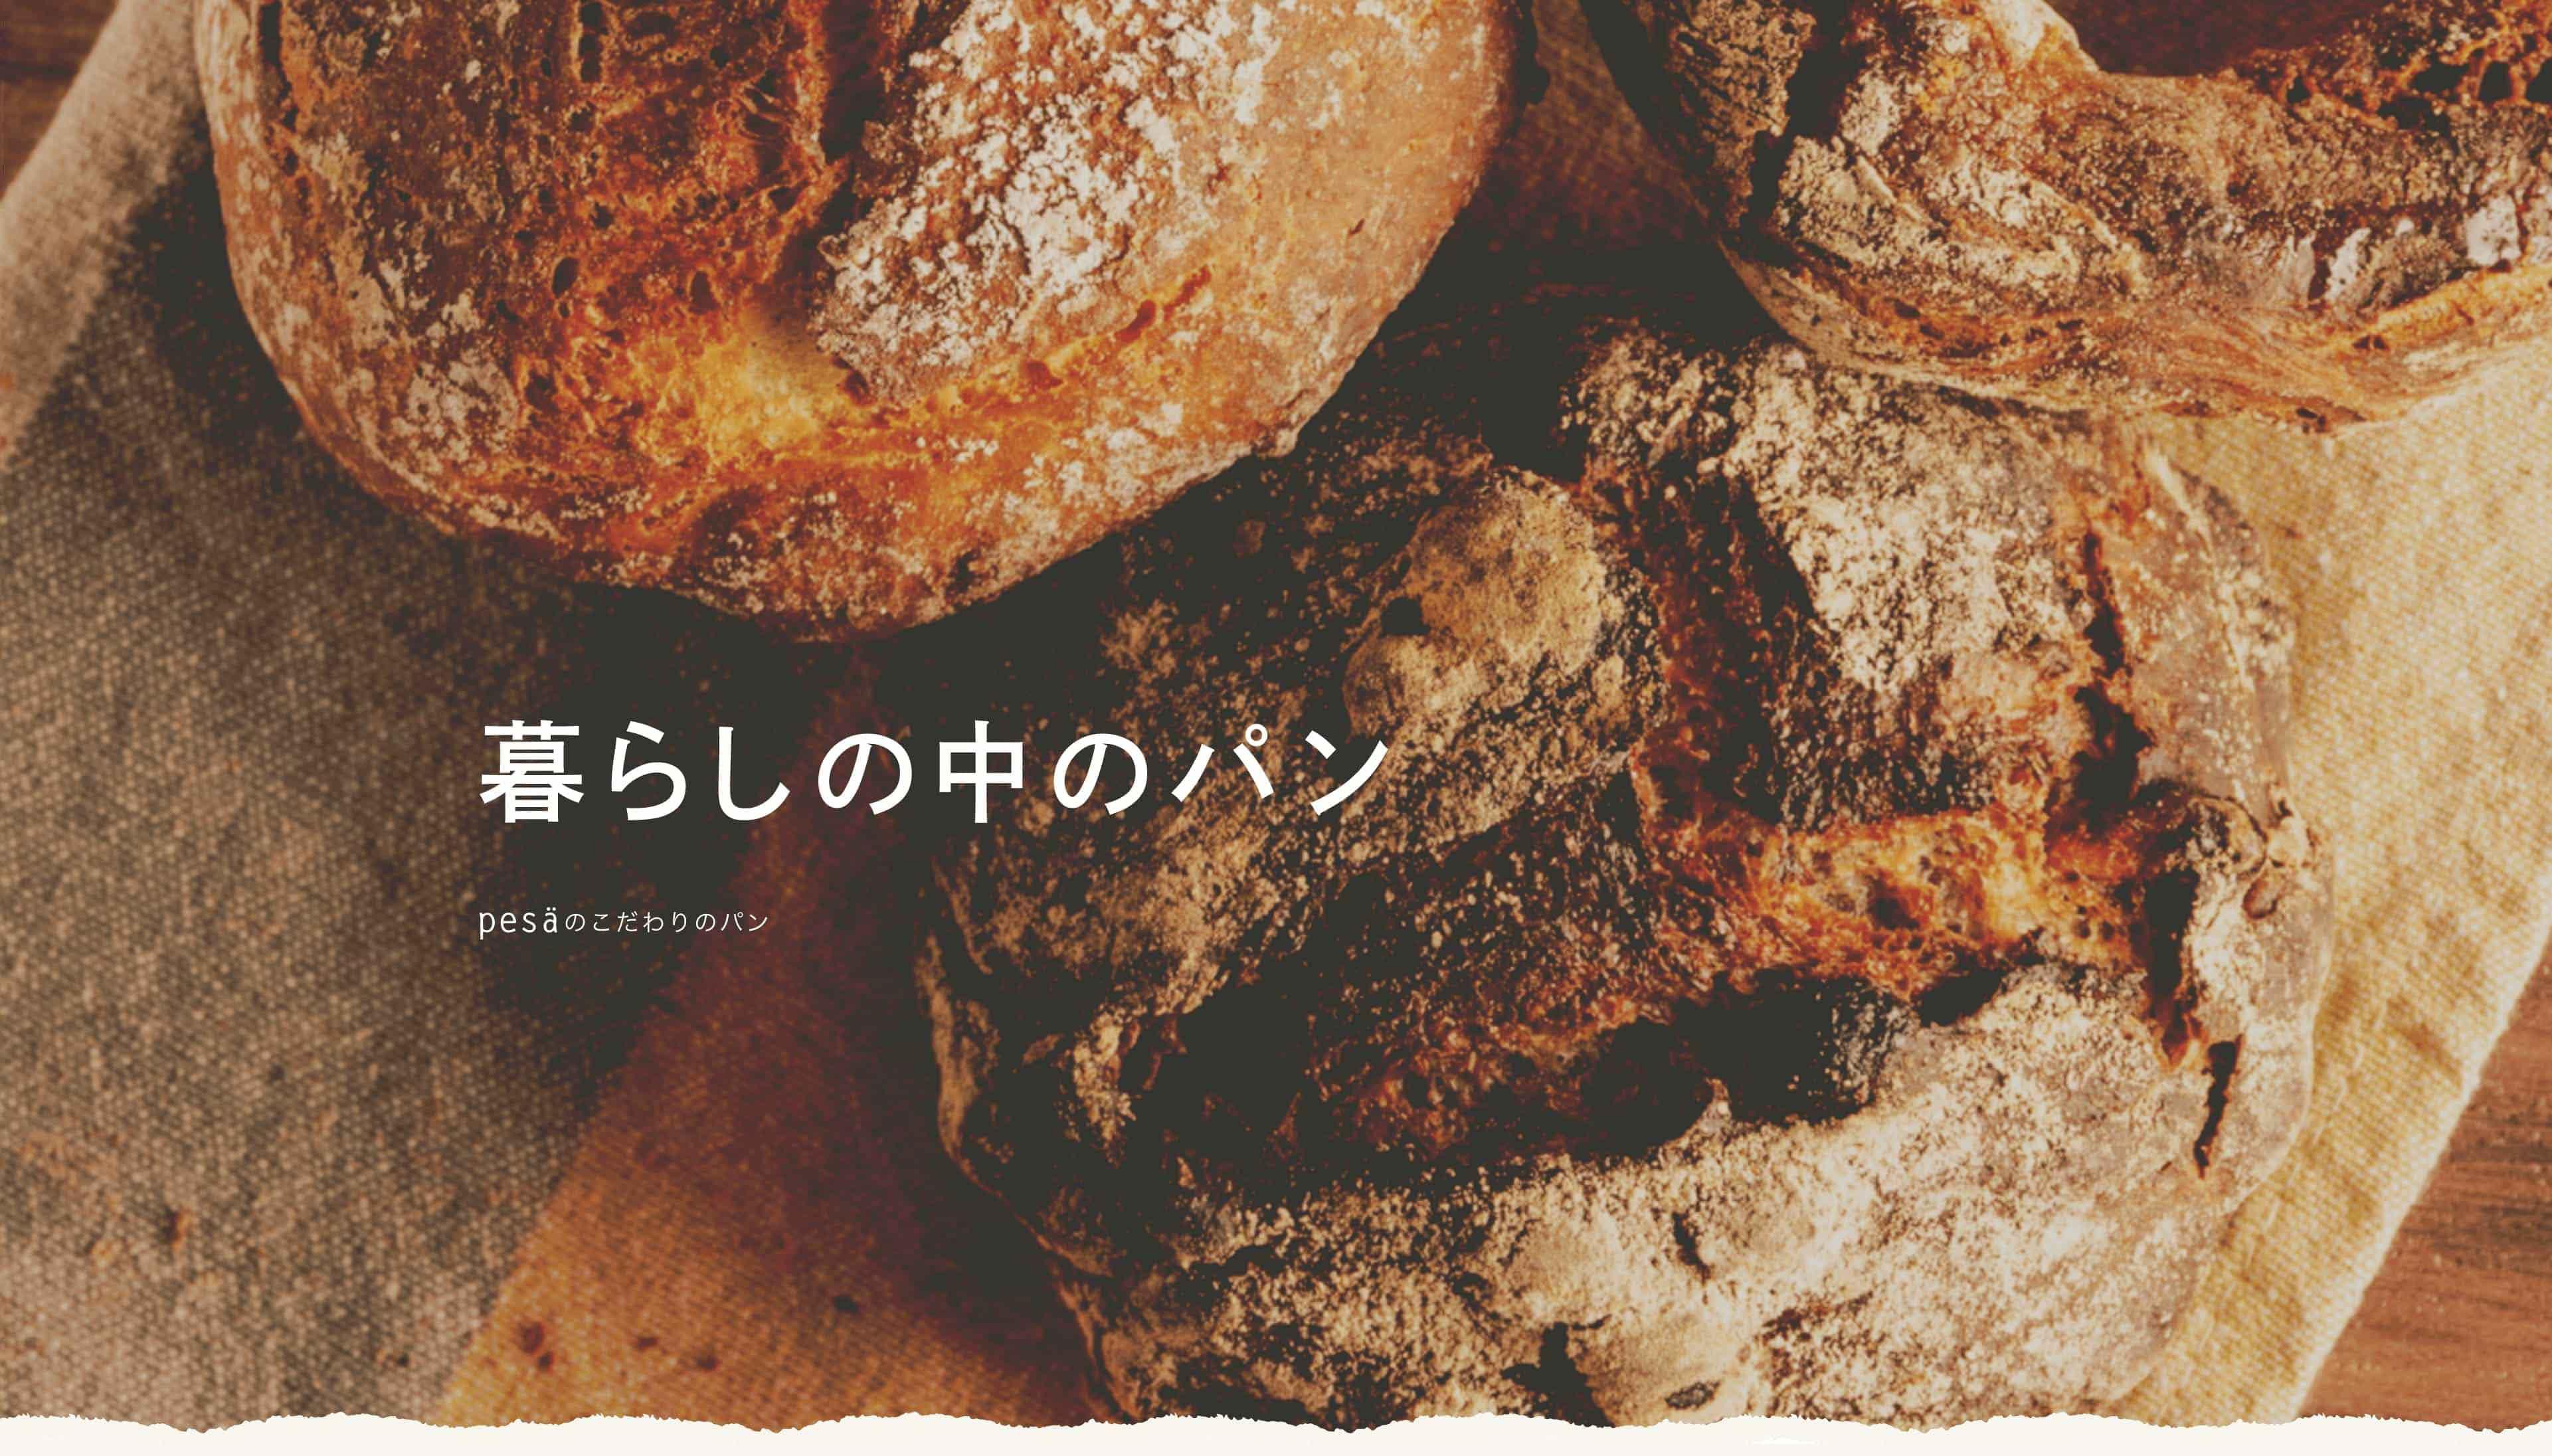 暮らしの中のパン pesaのこだわりのパン